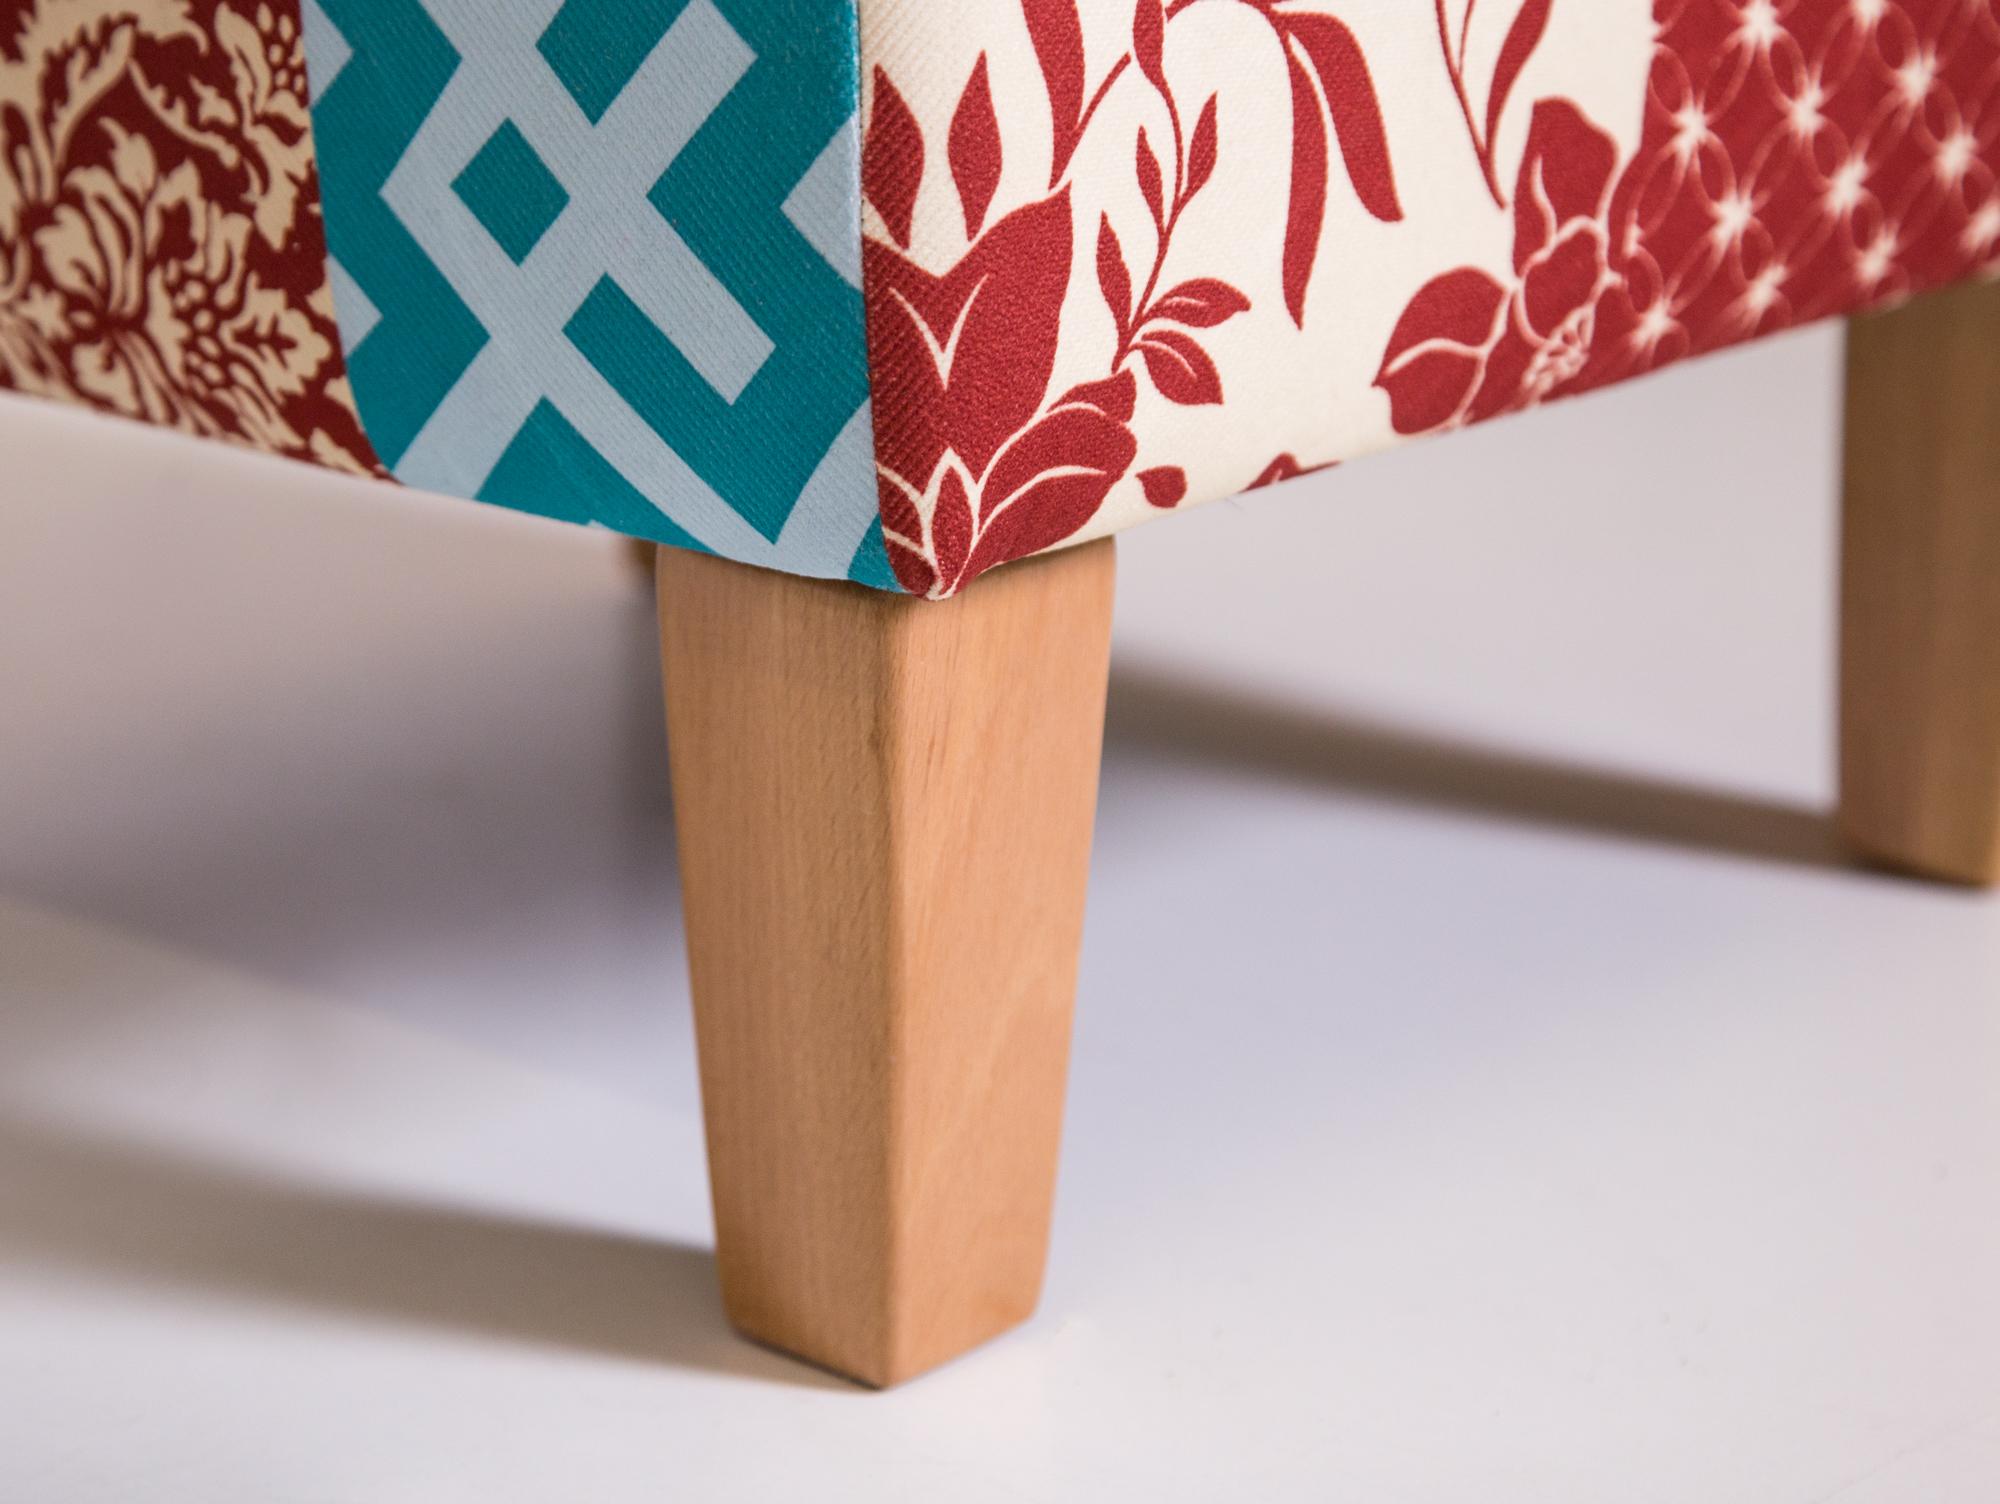 hocker patchwork hocker patchwork with hocker patchwork. Black Bedroom Furniture Sets. Home Design Ideas